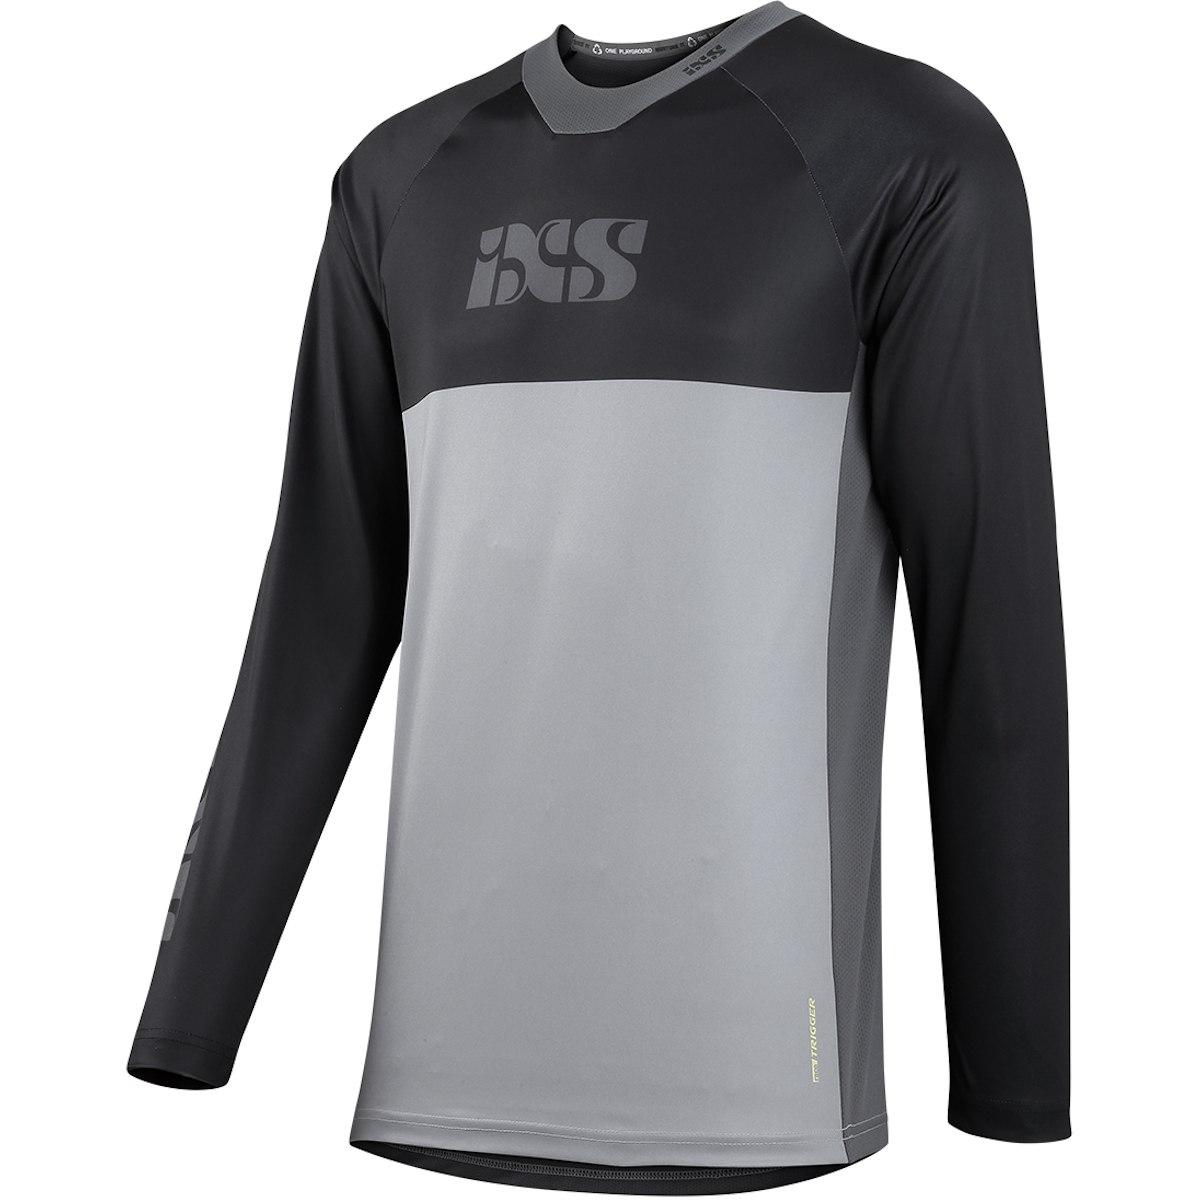 iXS Trigger X Langarmtrikot - grey/black